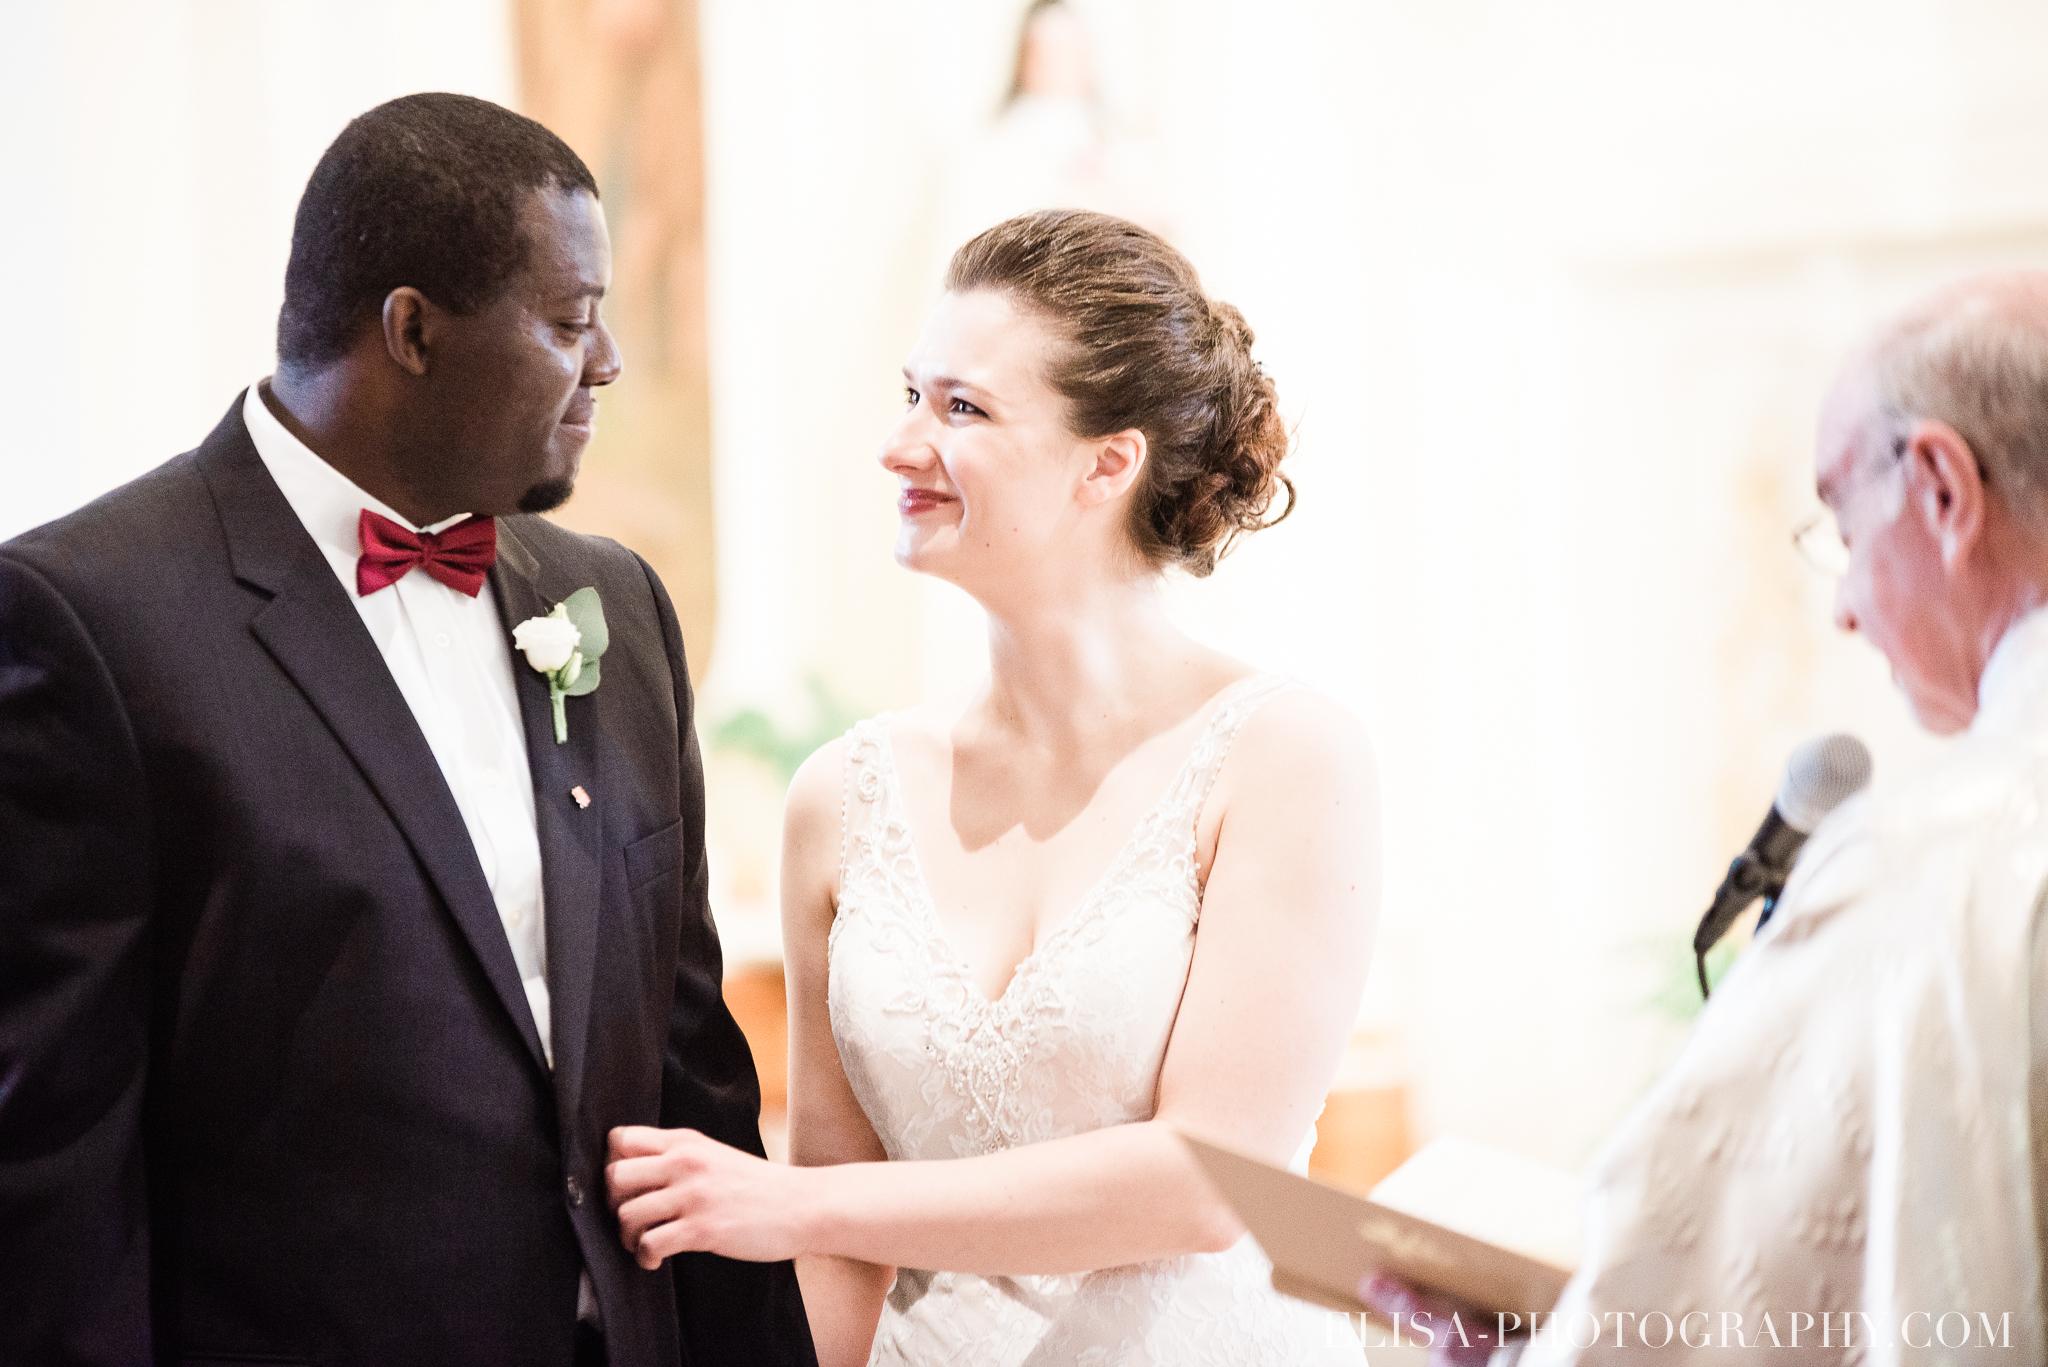 photo mariage ville quebec automne ceremonie eglise de cap rouge 7517 - Mariage au Golf de Cap-Rouge, ville de Québec: Stéphanie & William